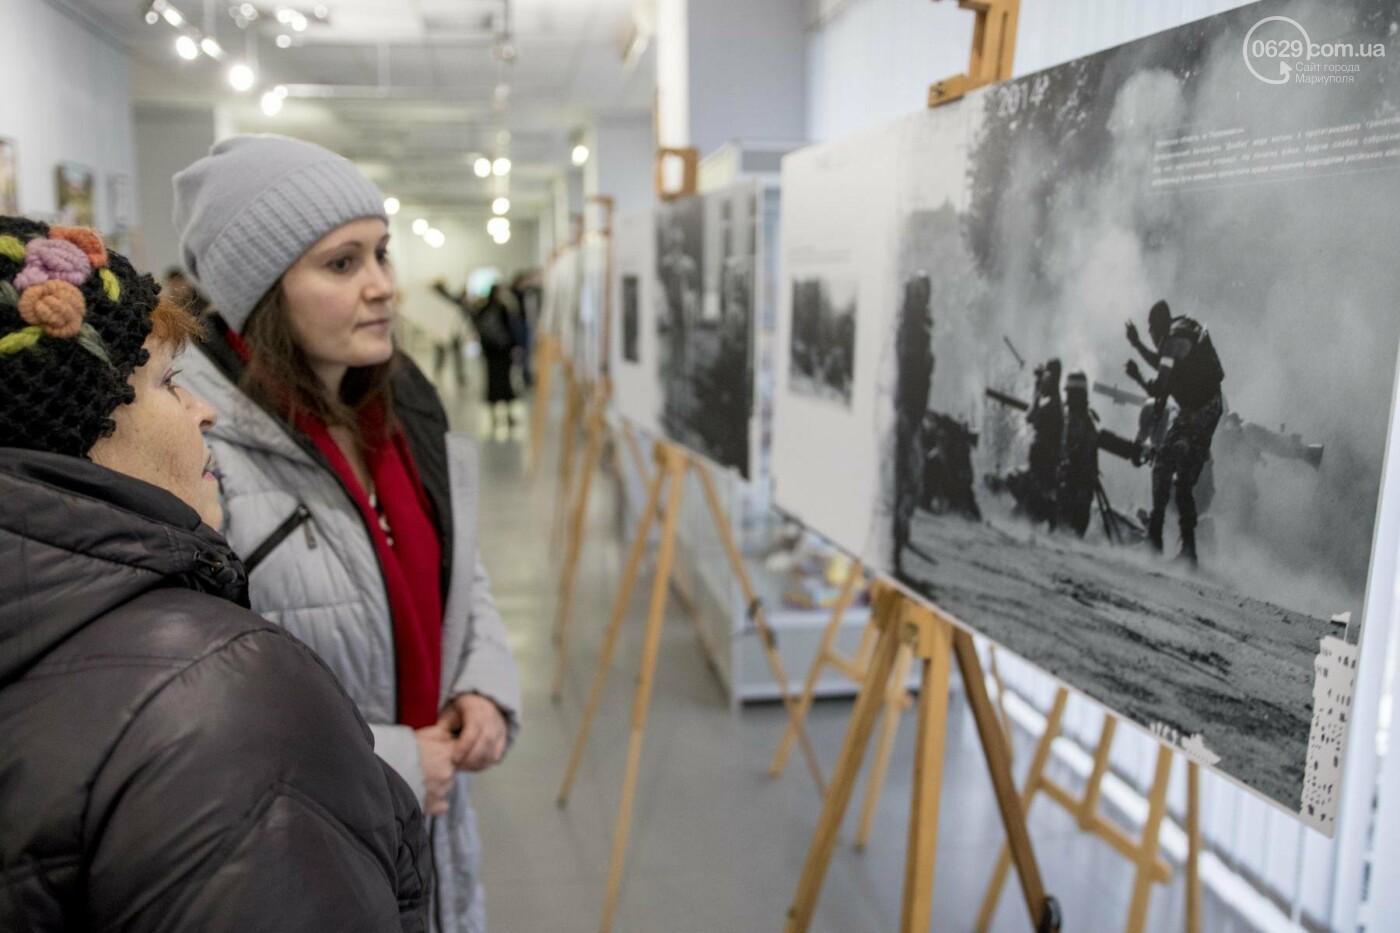 Фотовыставка «Два столетия, одна война»: в Мариуполе провели параллель между войной на Донбассе и борьбой УПА (ФОТО, ВИДЕО), фото-7